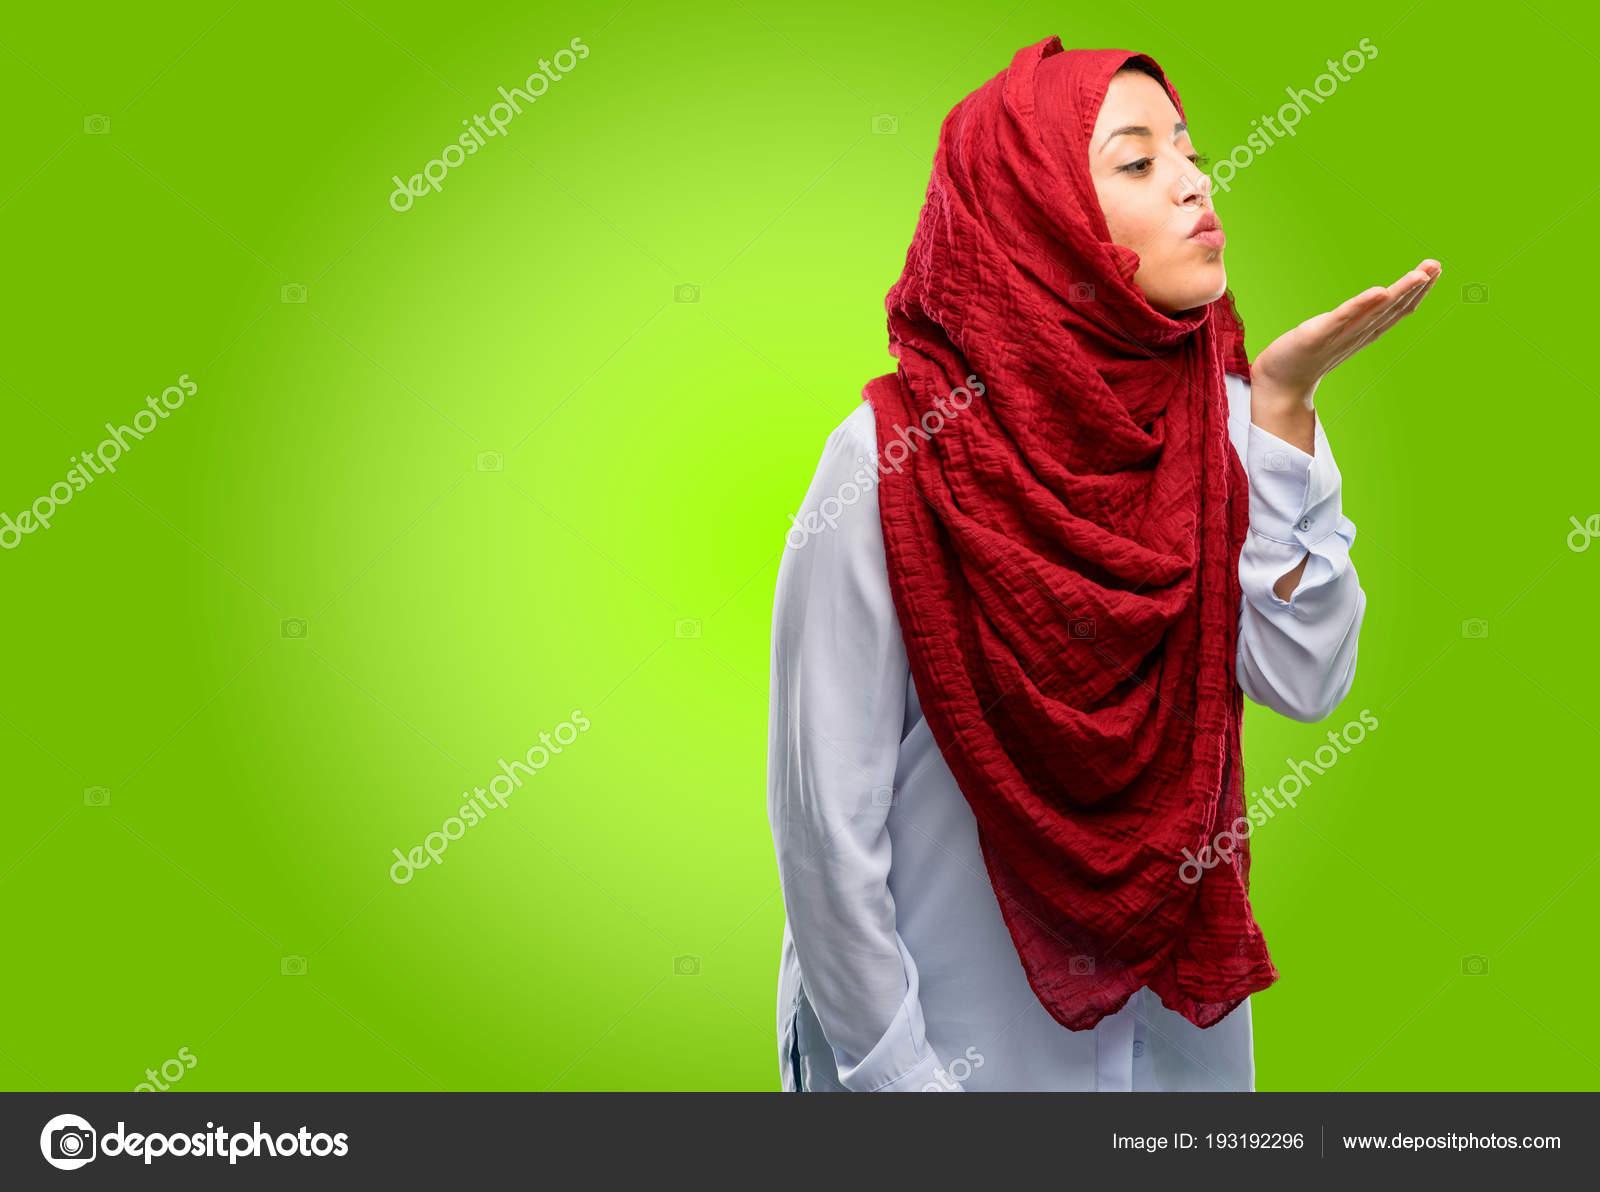 Cherche femme pour mariage au senegal photo 9